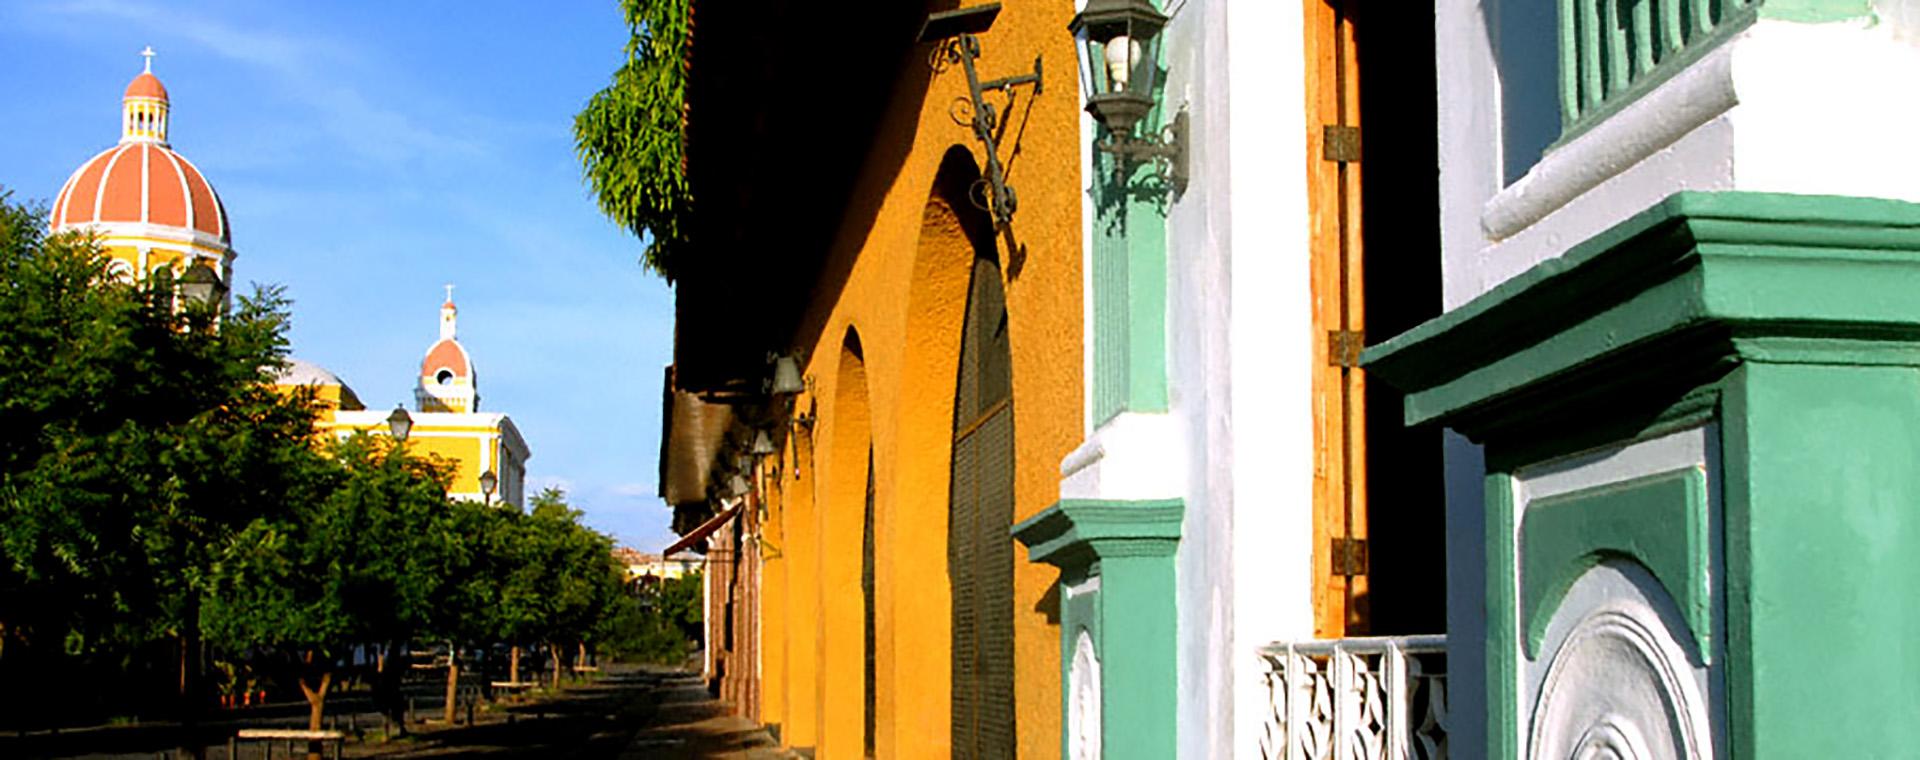 BioTrek Adventure Travel Tours - Nicaragua Granda Street